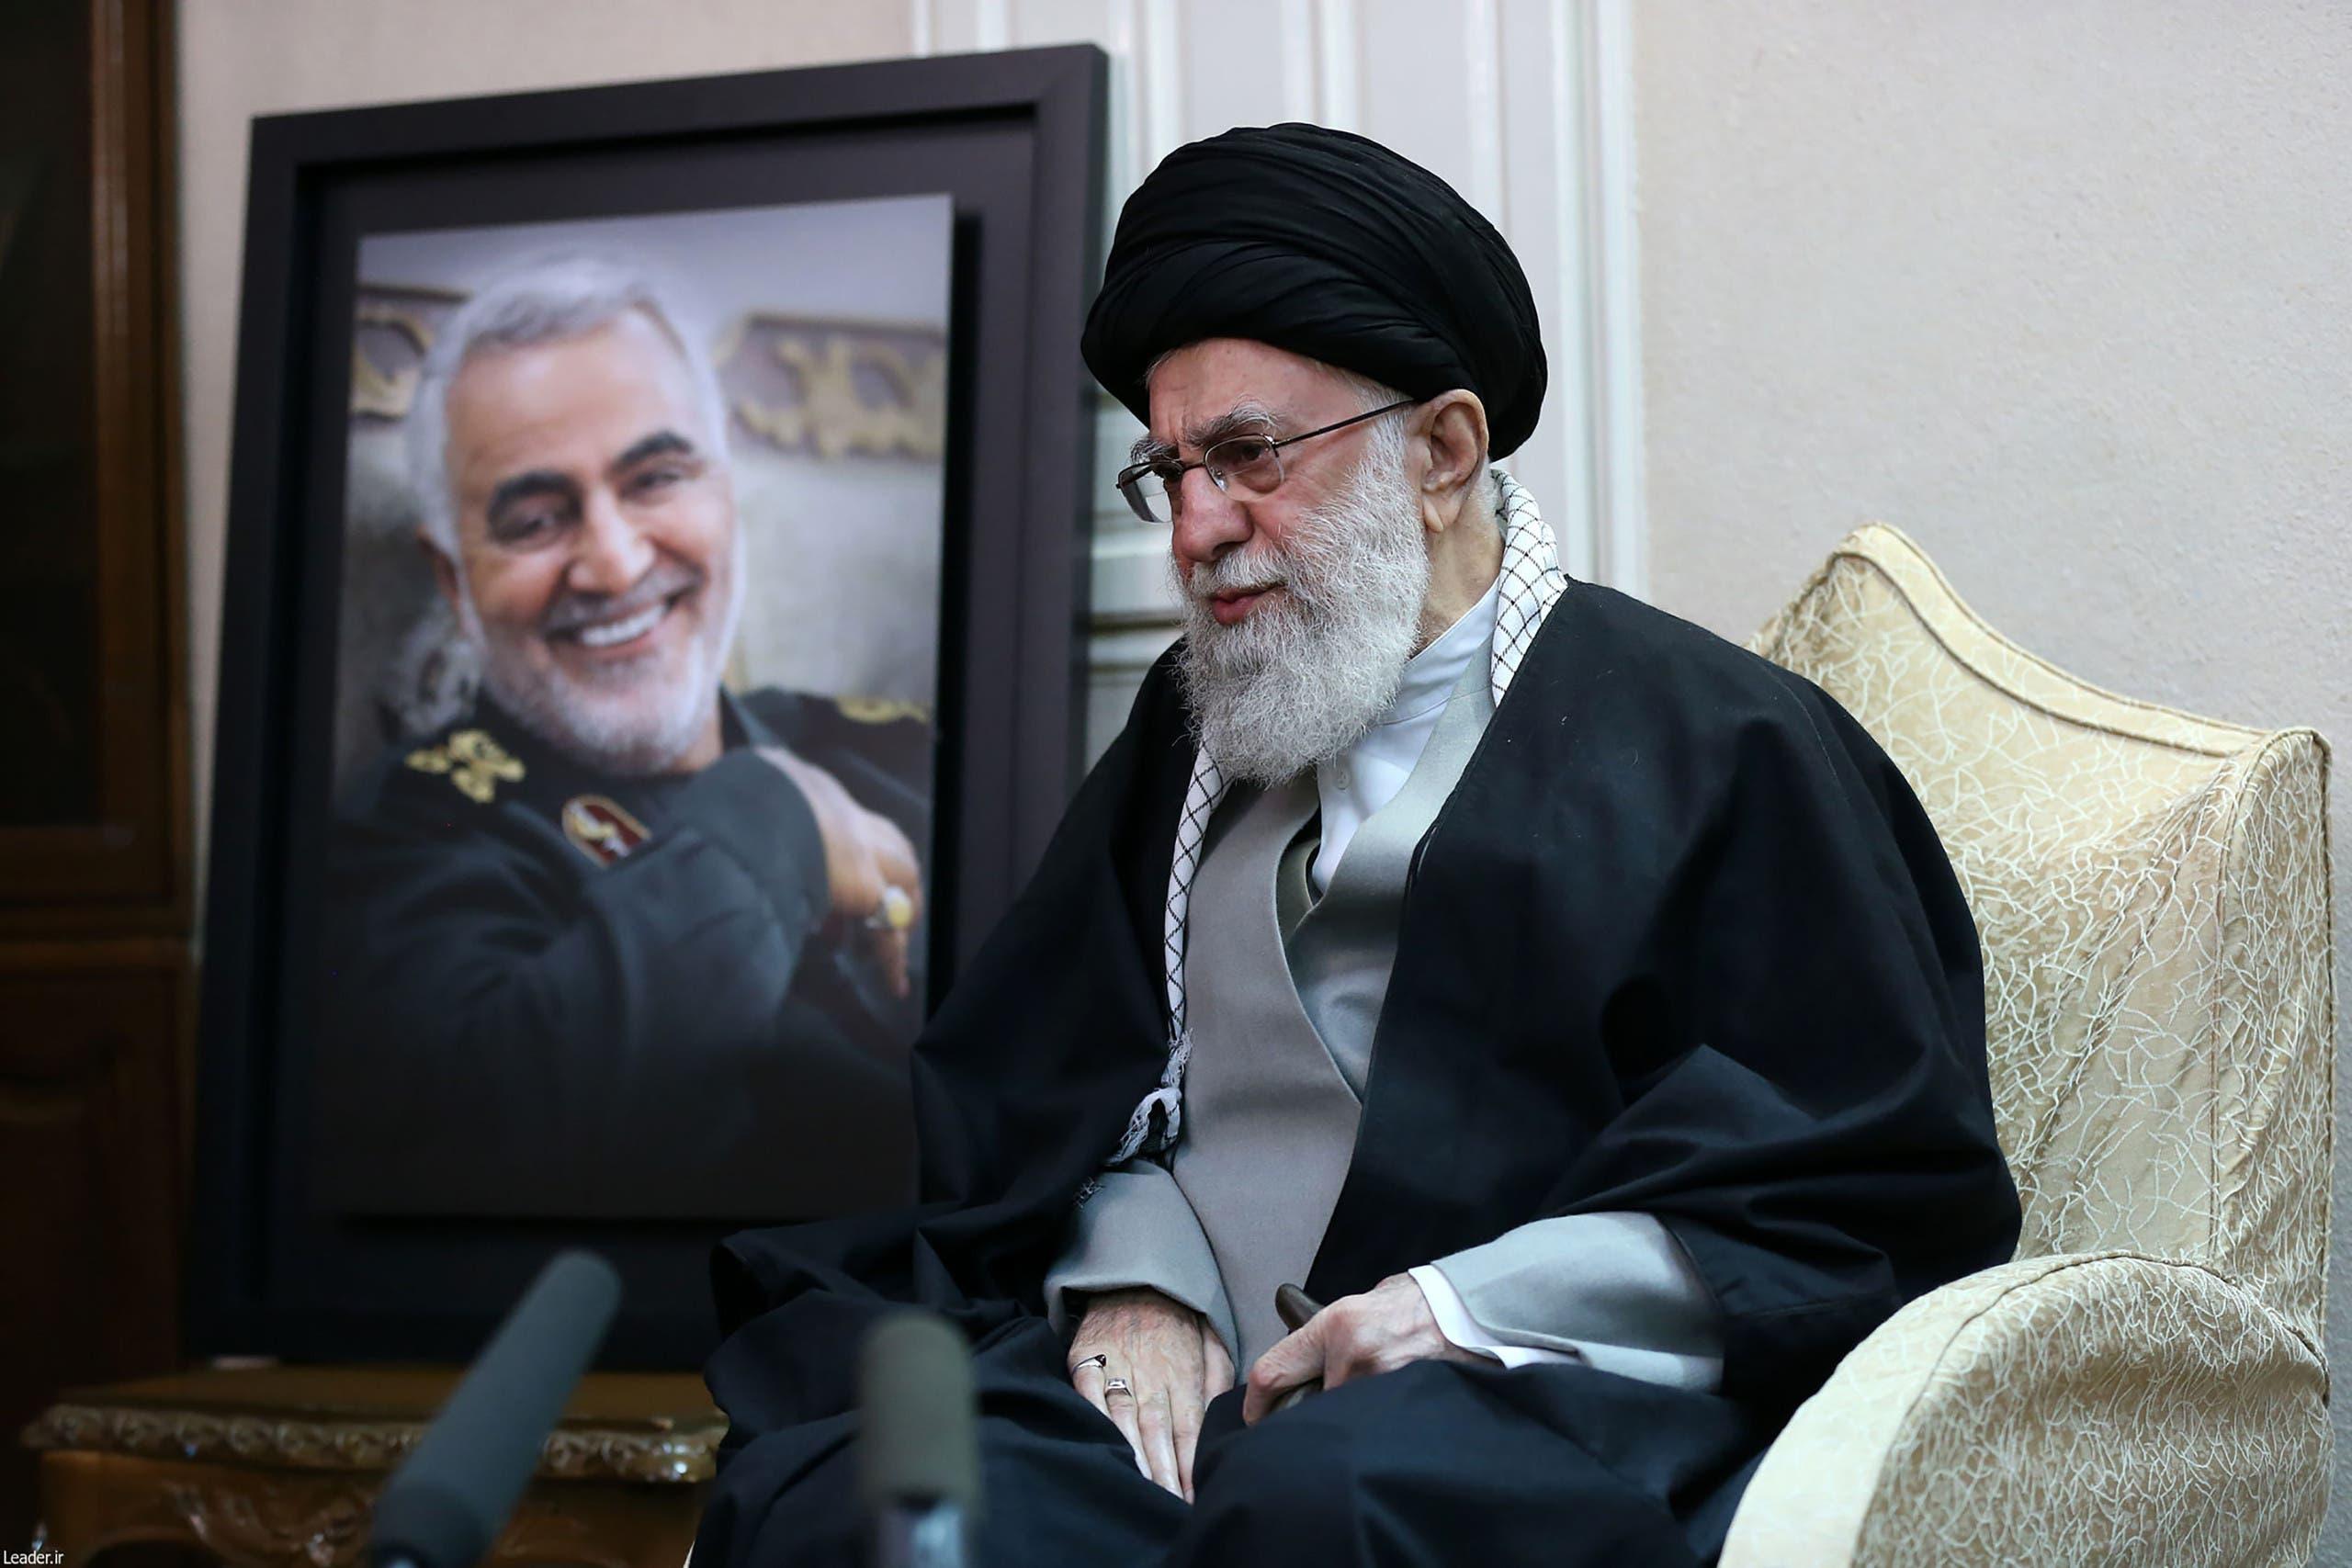 رهبر ایران علی خامنه ای و عکسی از سلیمانی در کنار او (بایگانی - فرانس پرس)